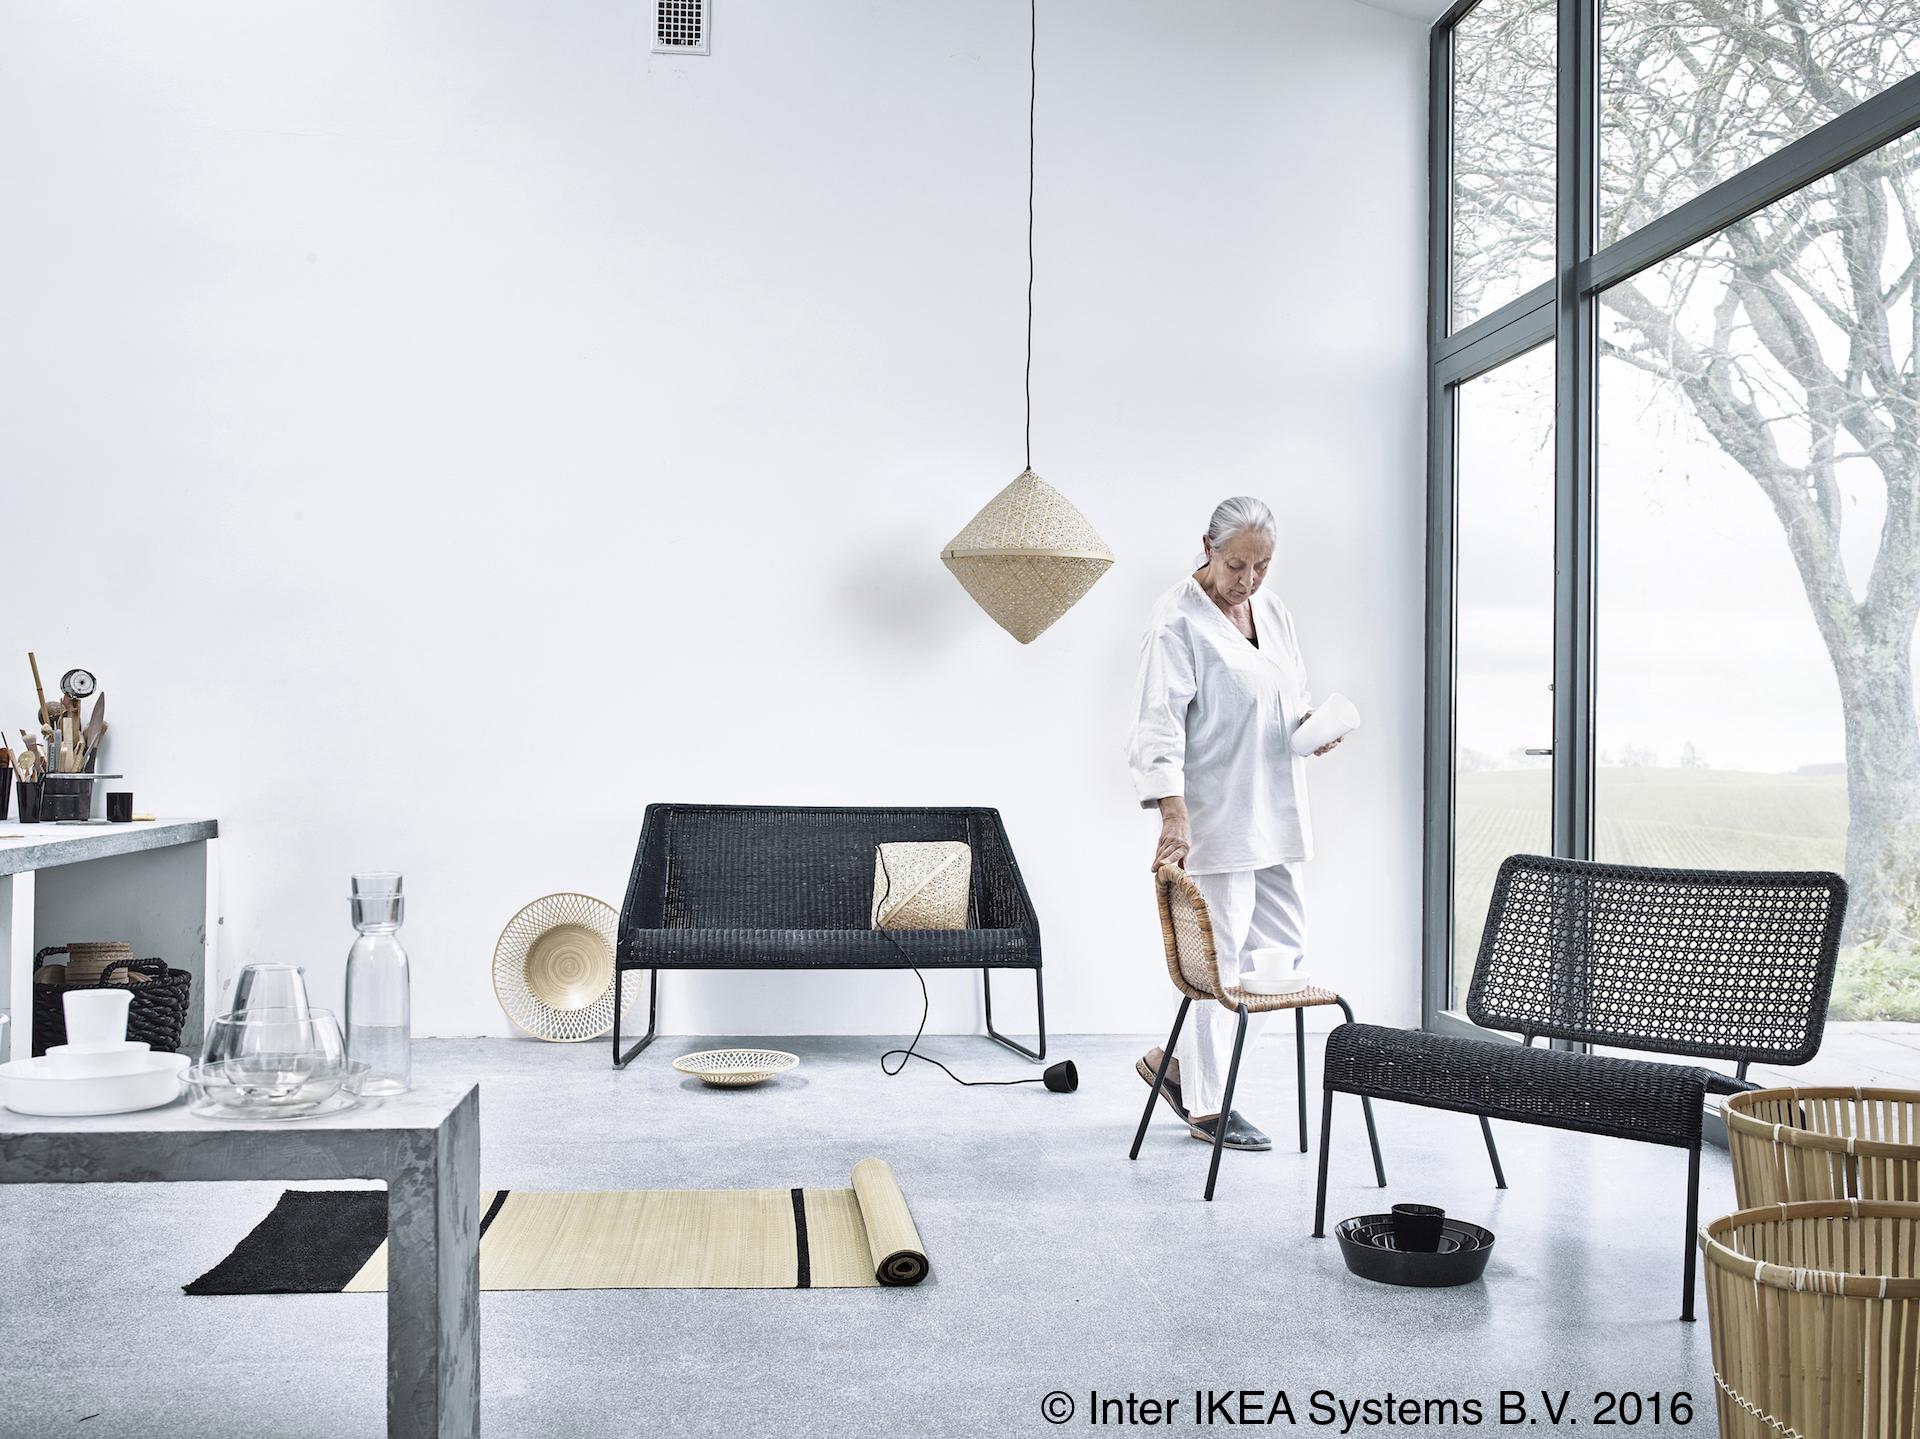 Full Size of Wohnzimmer Einrichten Modern Badezimmer Tischlampe Gardinen Für Moderne Landhausküche Hängeschrank Weiß Hochglanz Deckenleuchte Deko Sessel Schrank Wohnzimmer Wohnzimmer Einrichten Modern